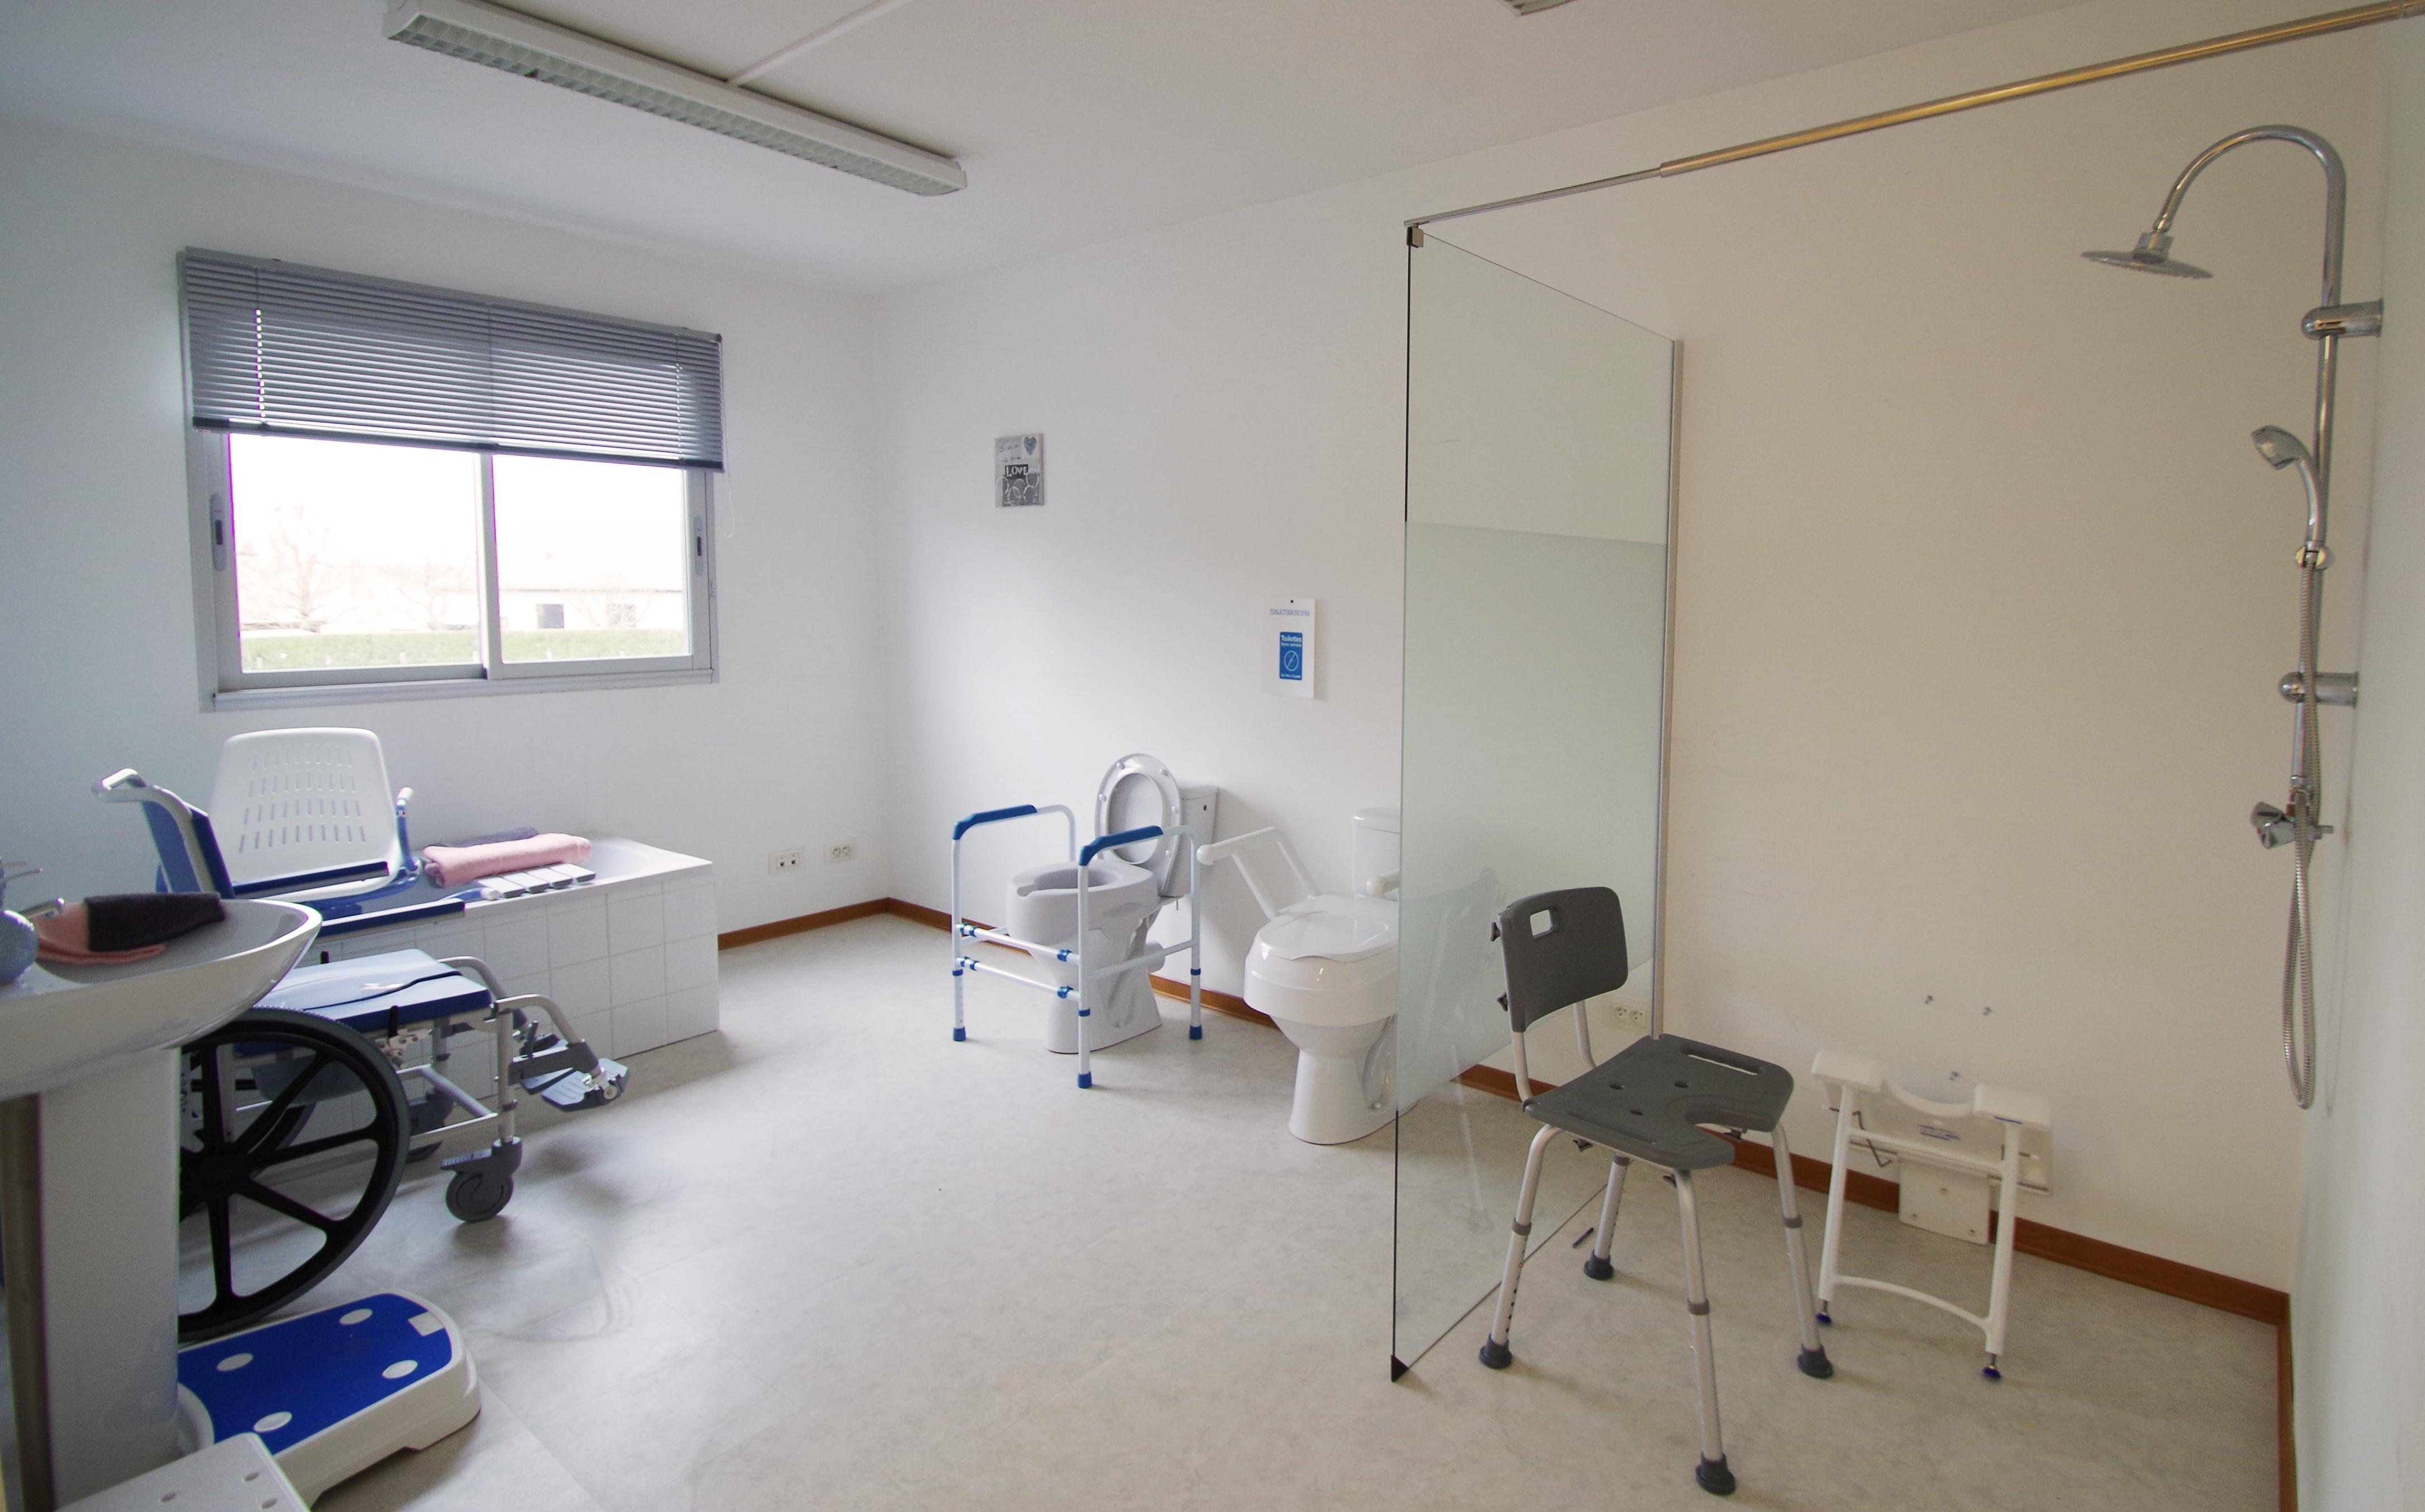 CICAT 24 - Salle de bains médicalisée reconstituée pour personnes handicapées ou âgées